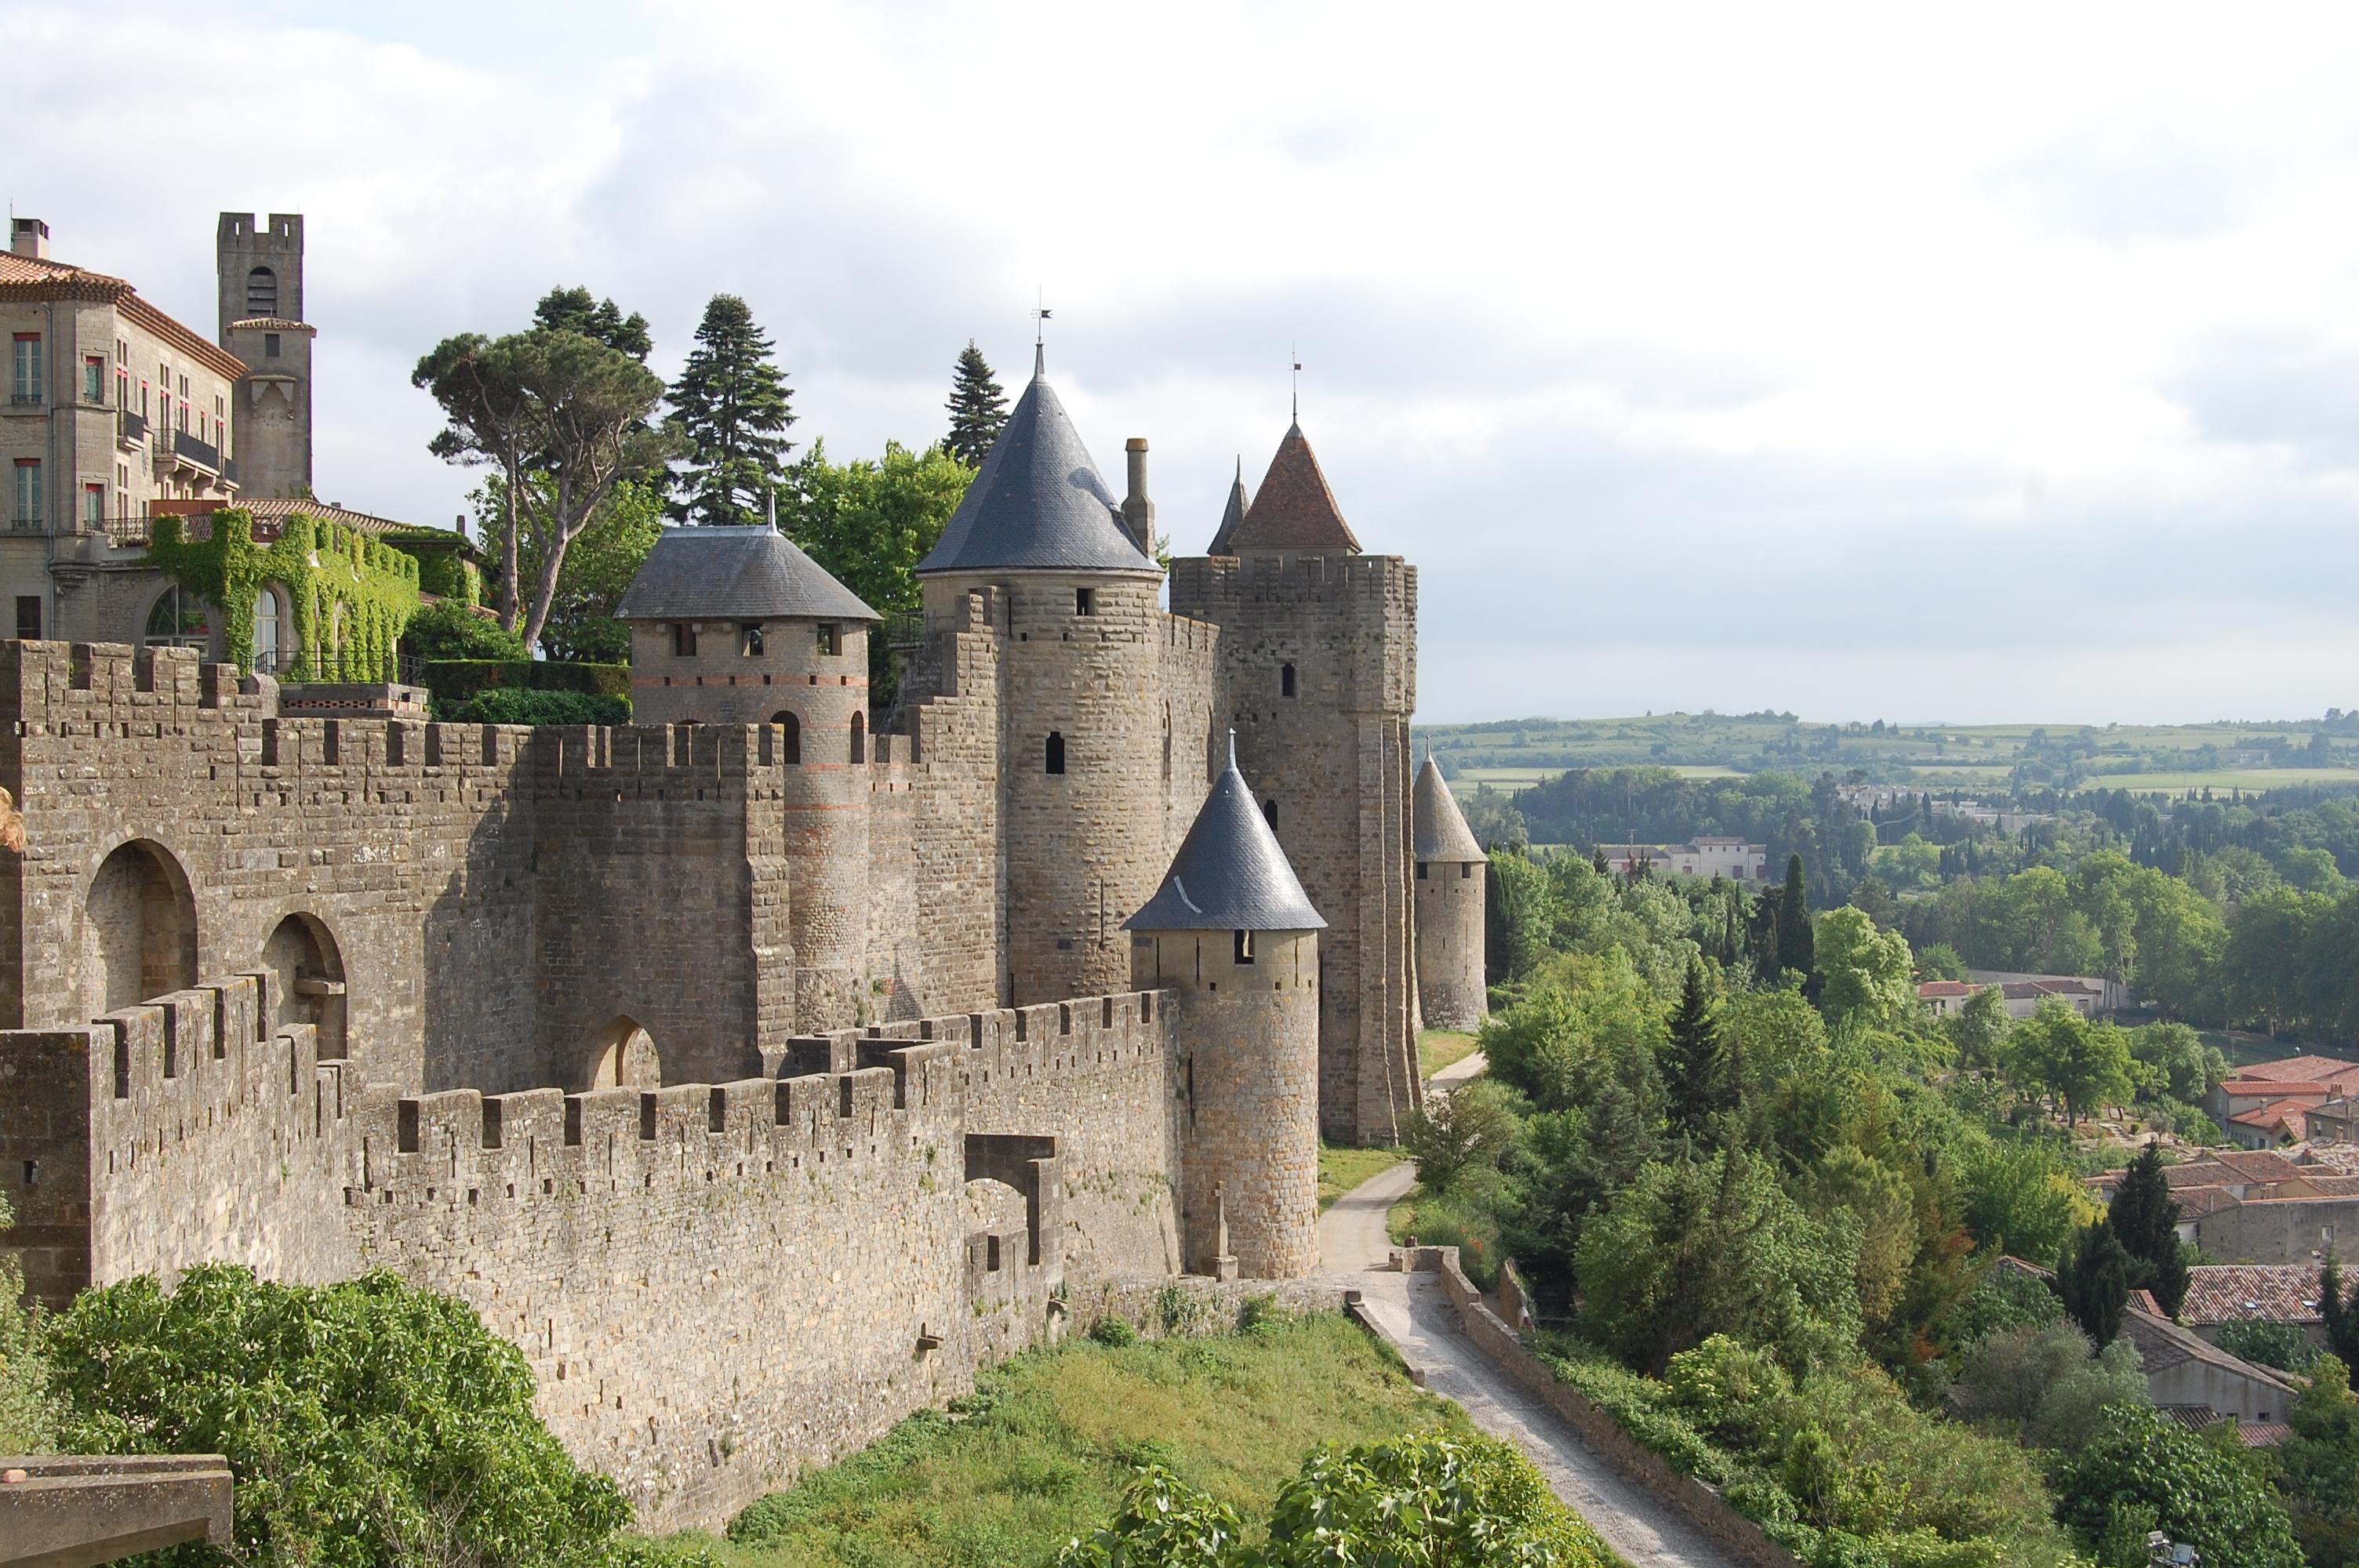 la cit de carcassonne ville fortifi e historique local blogs. Black Bedroom Furniture Sets. Home Design Ideas